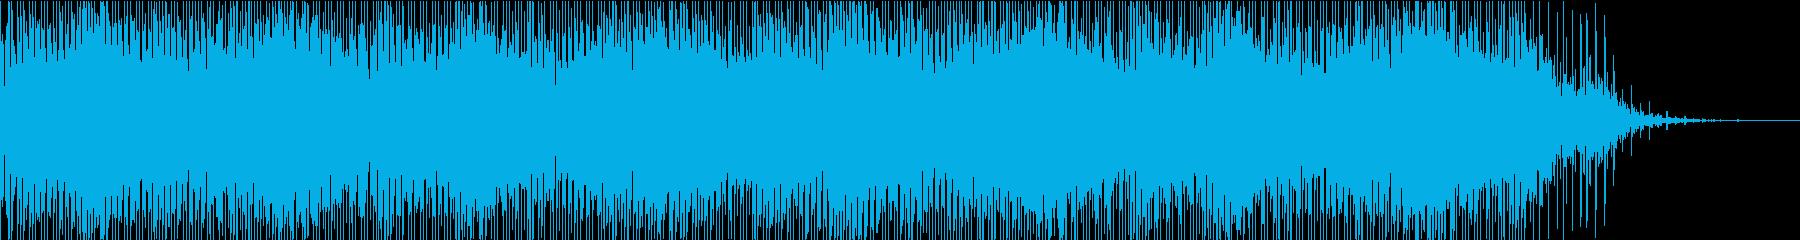 ふわふわ・キラキラした透明感のあるBGMの再生済みの波形